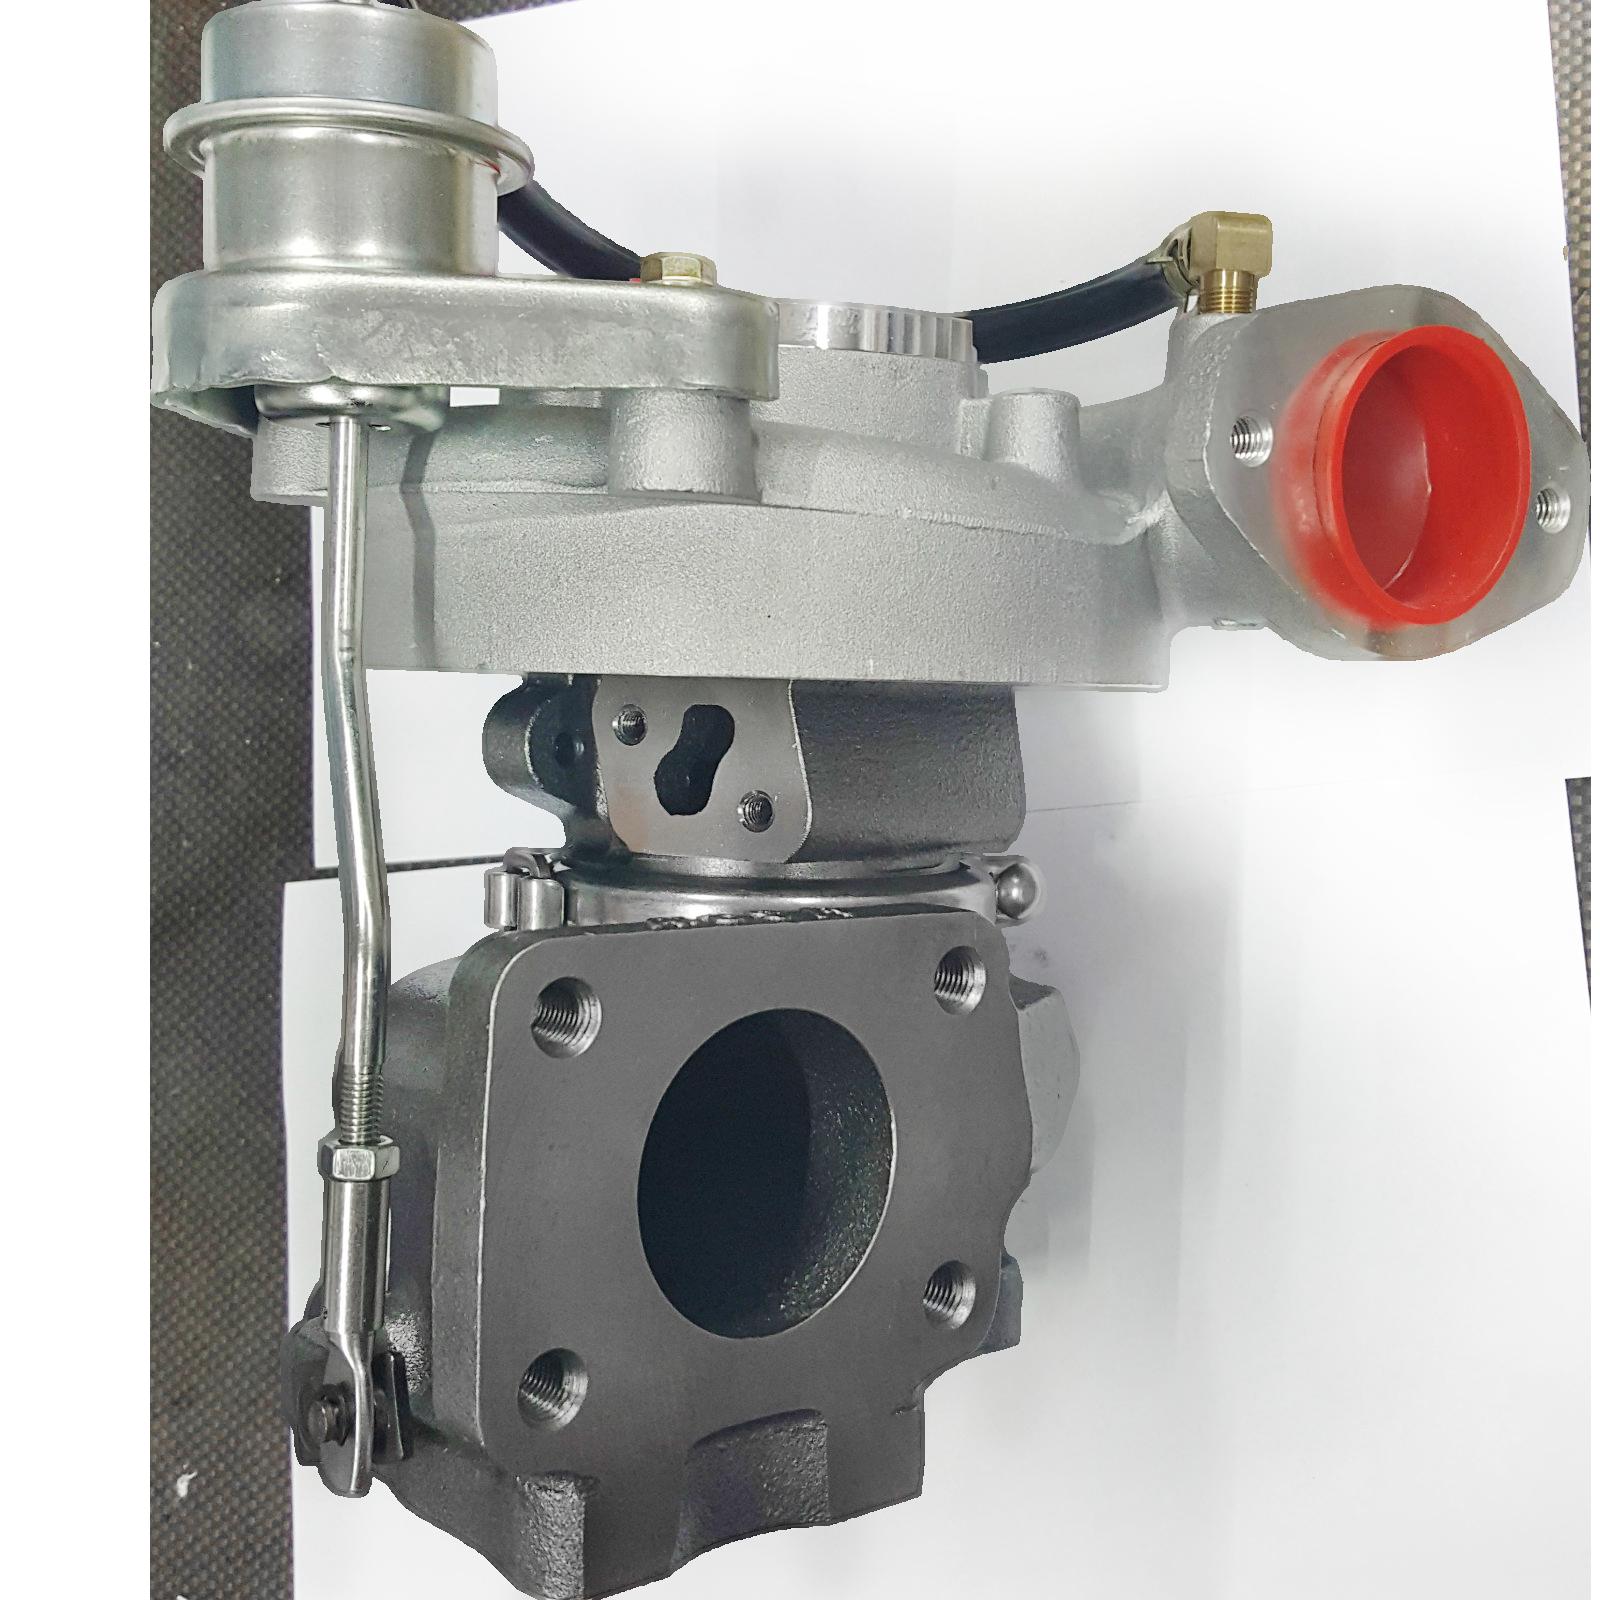 Ct15b turbocompresor de turbina para Toyota cazador cresta Mark II Tourer V JZX100 1JZ-GTE 17201-46040 1720146040 1720146040